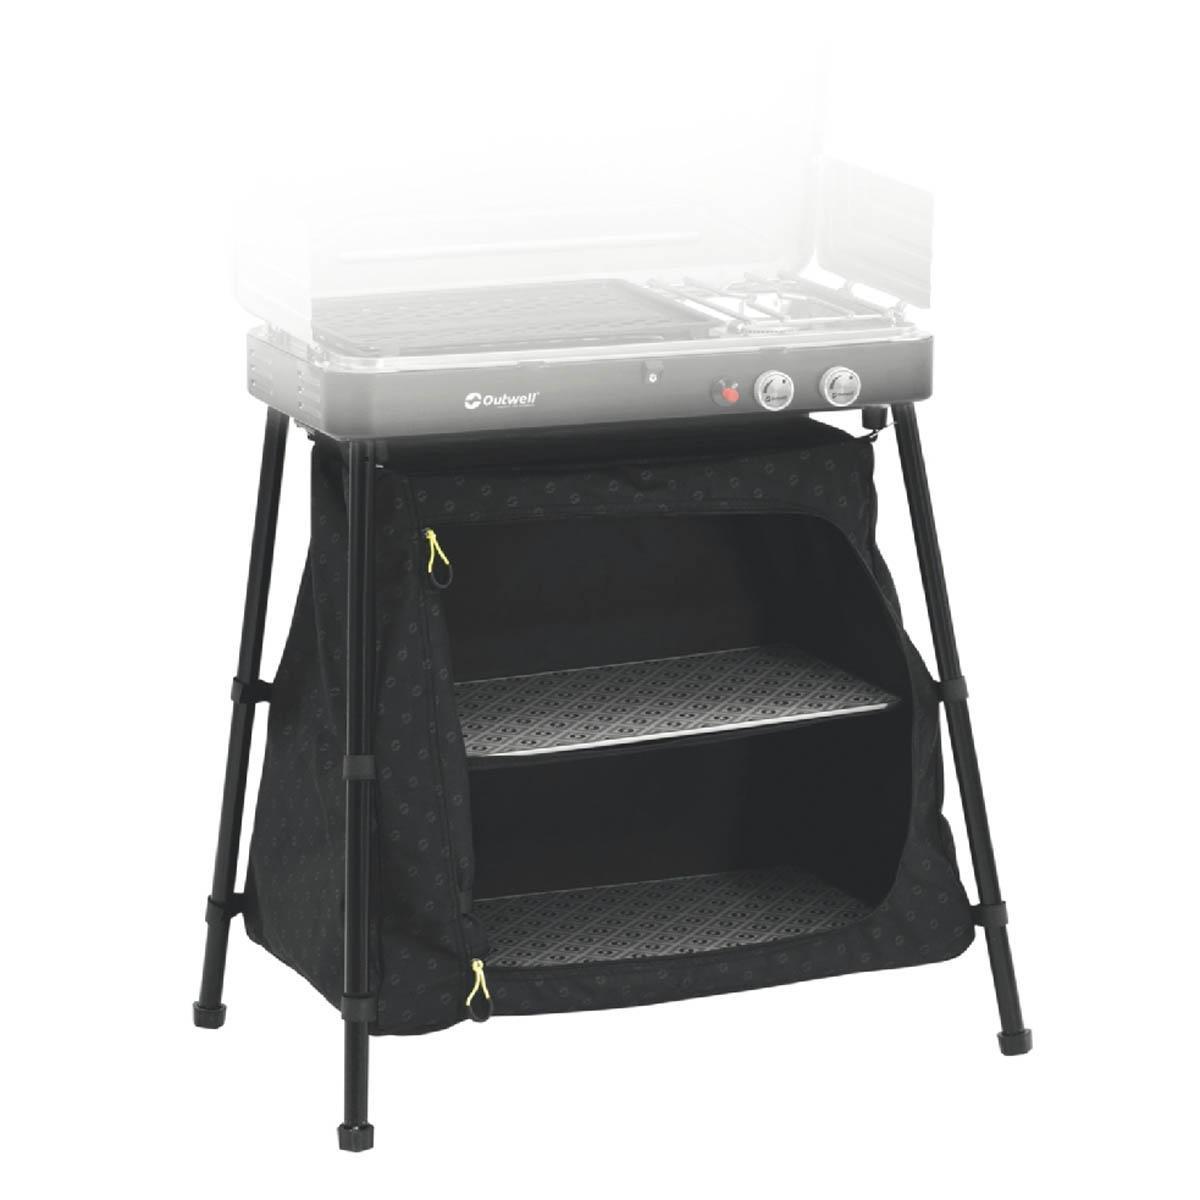 Outwell 650305 Stövchen für Campingkocher, schwarz